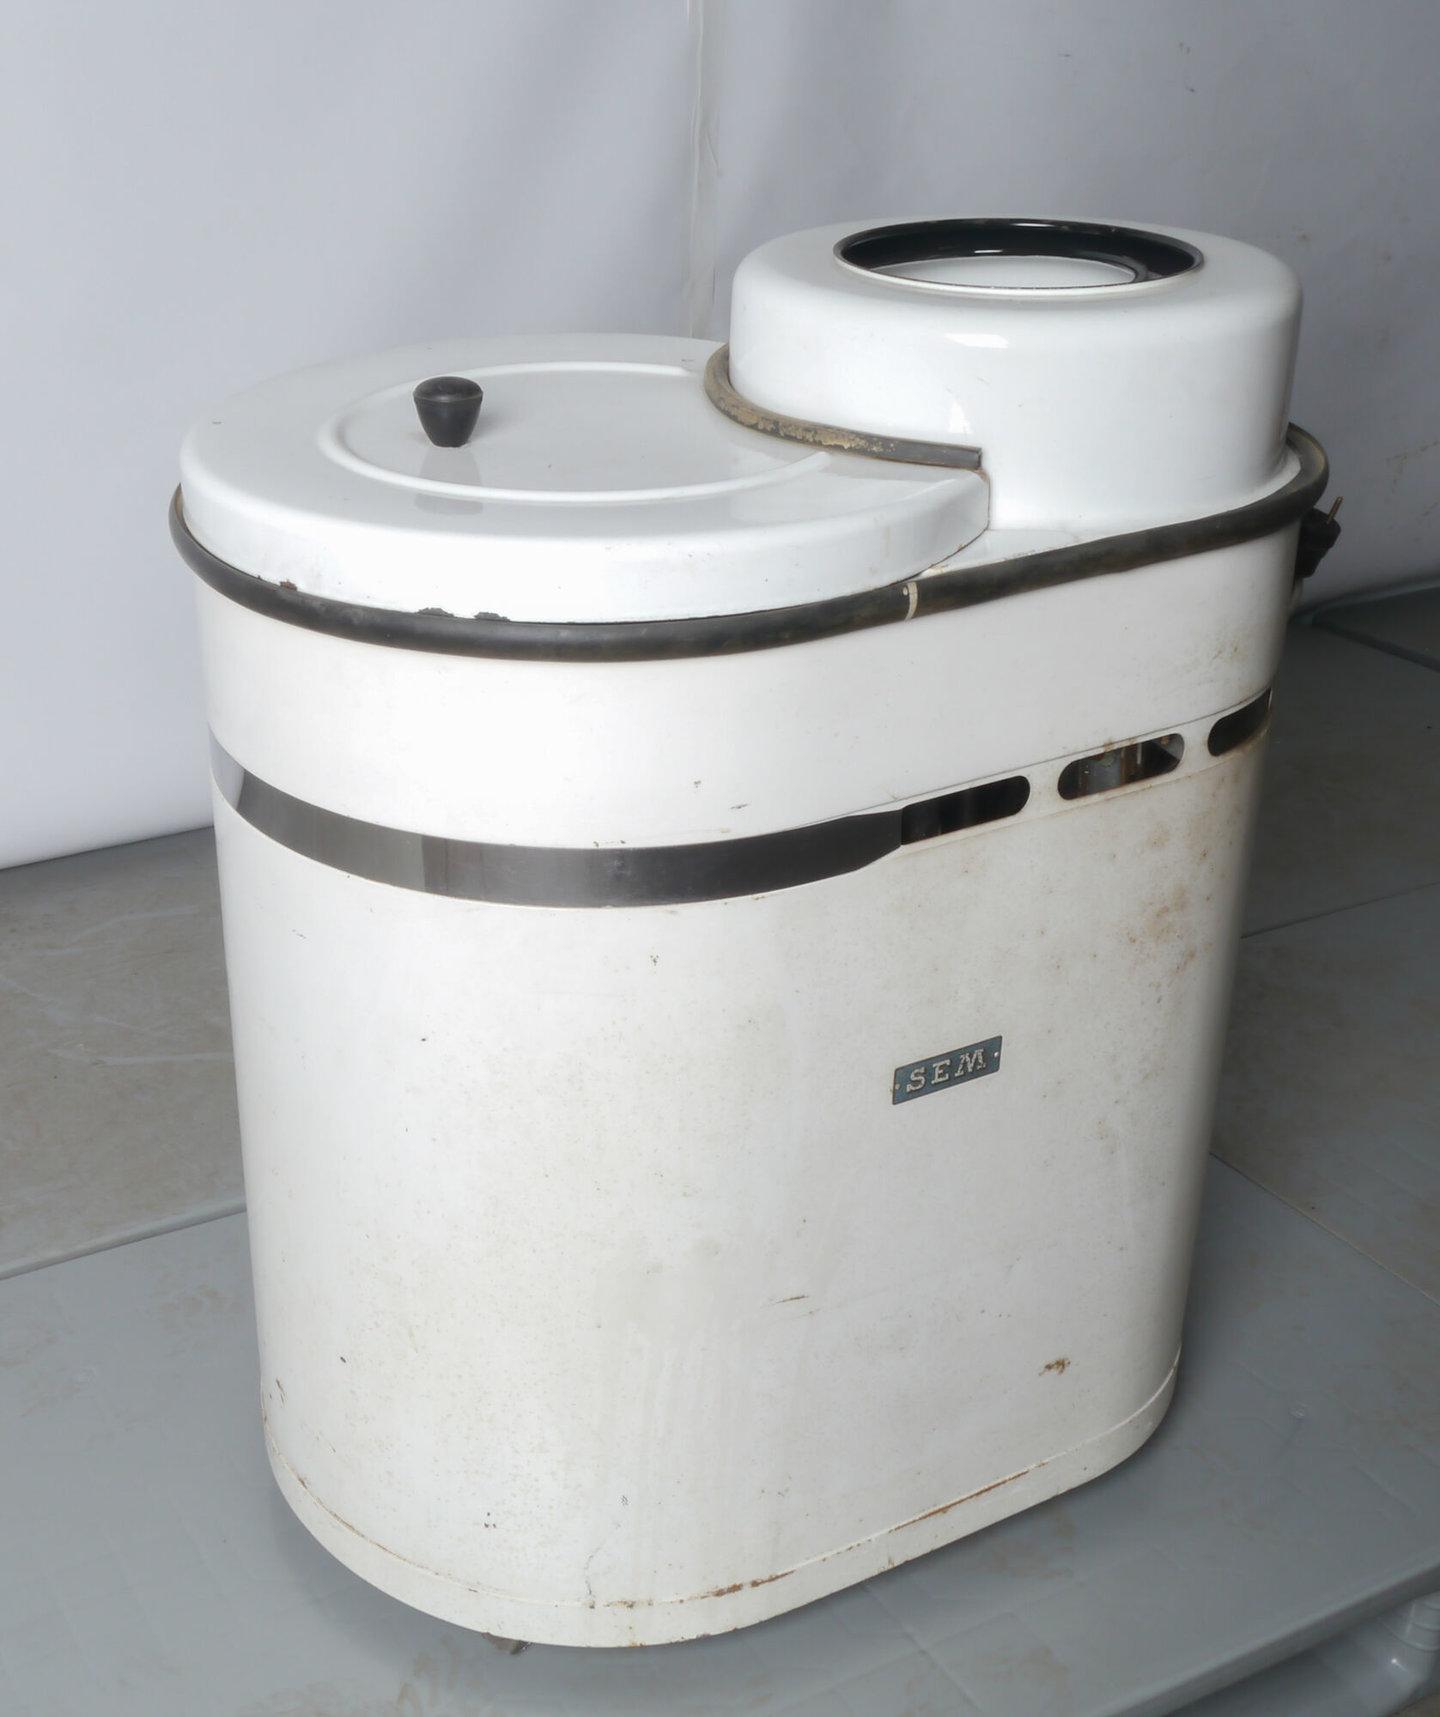 Elektrische wasmachine van het merk SEM